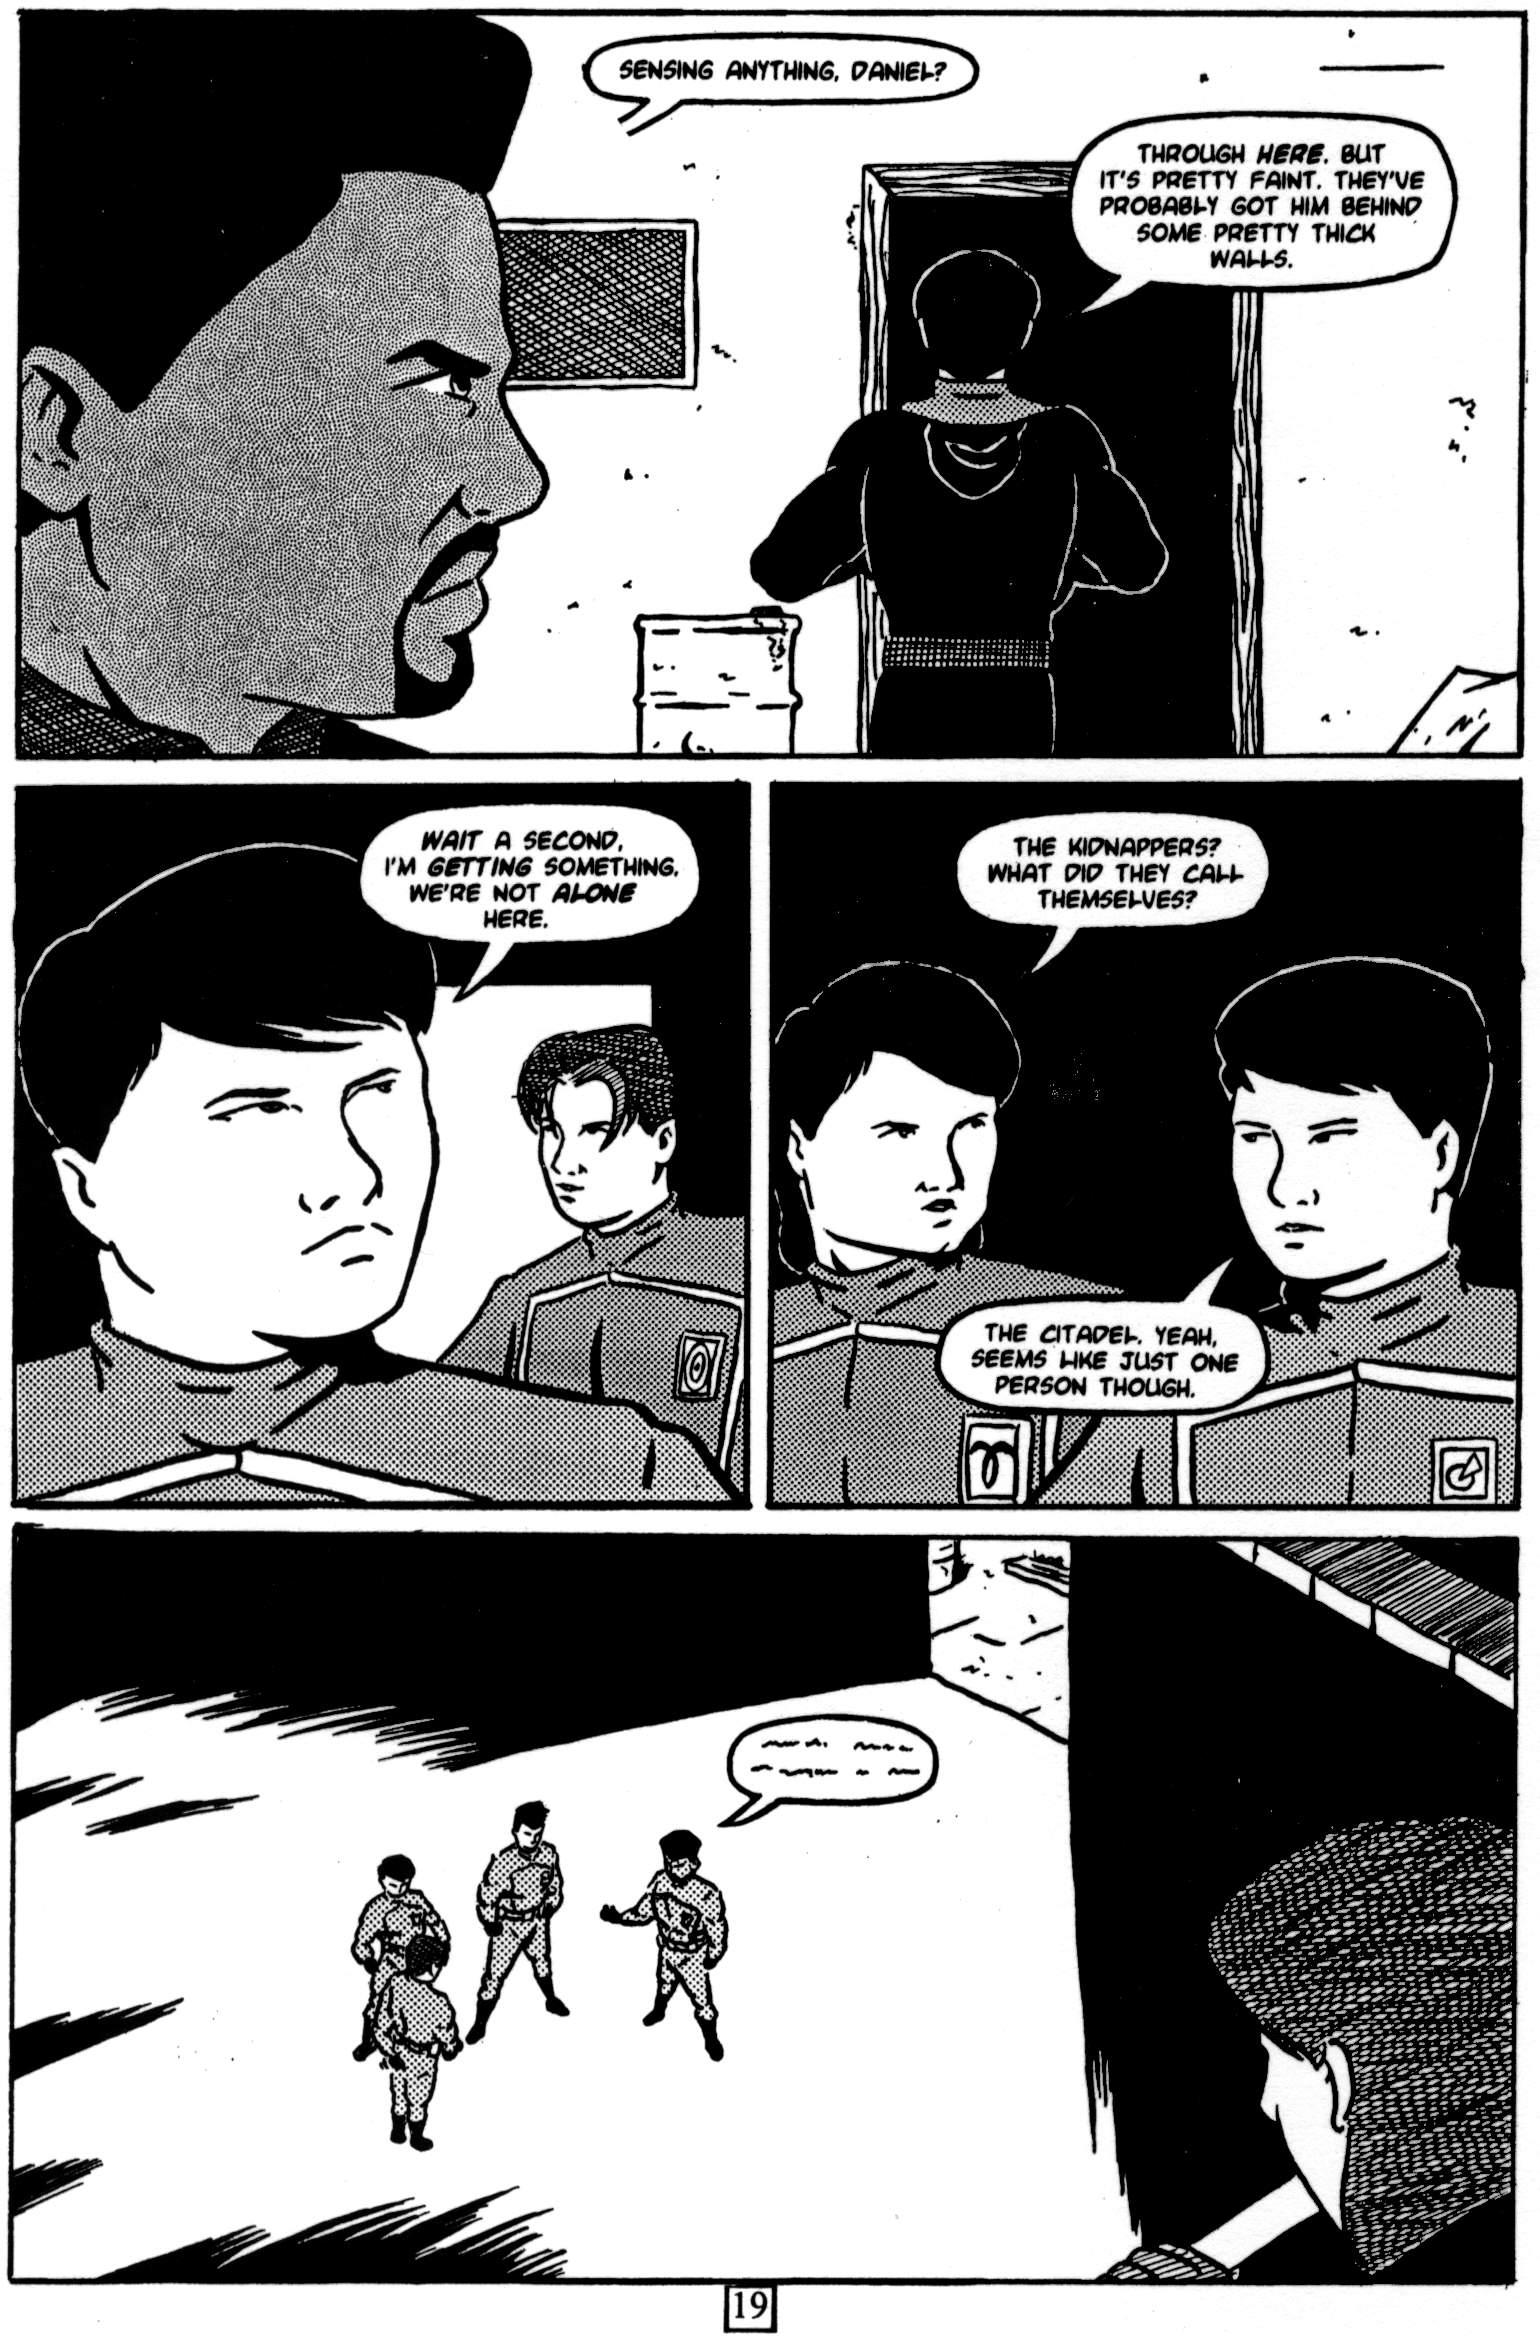 pg19.jpg